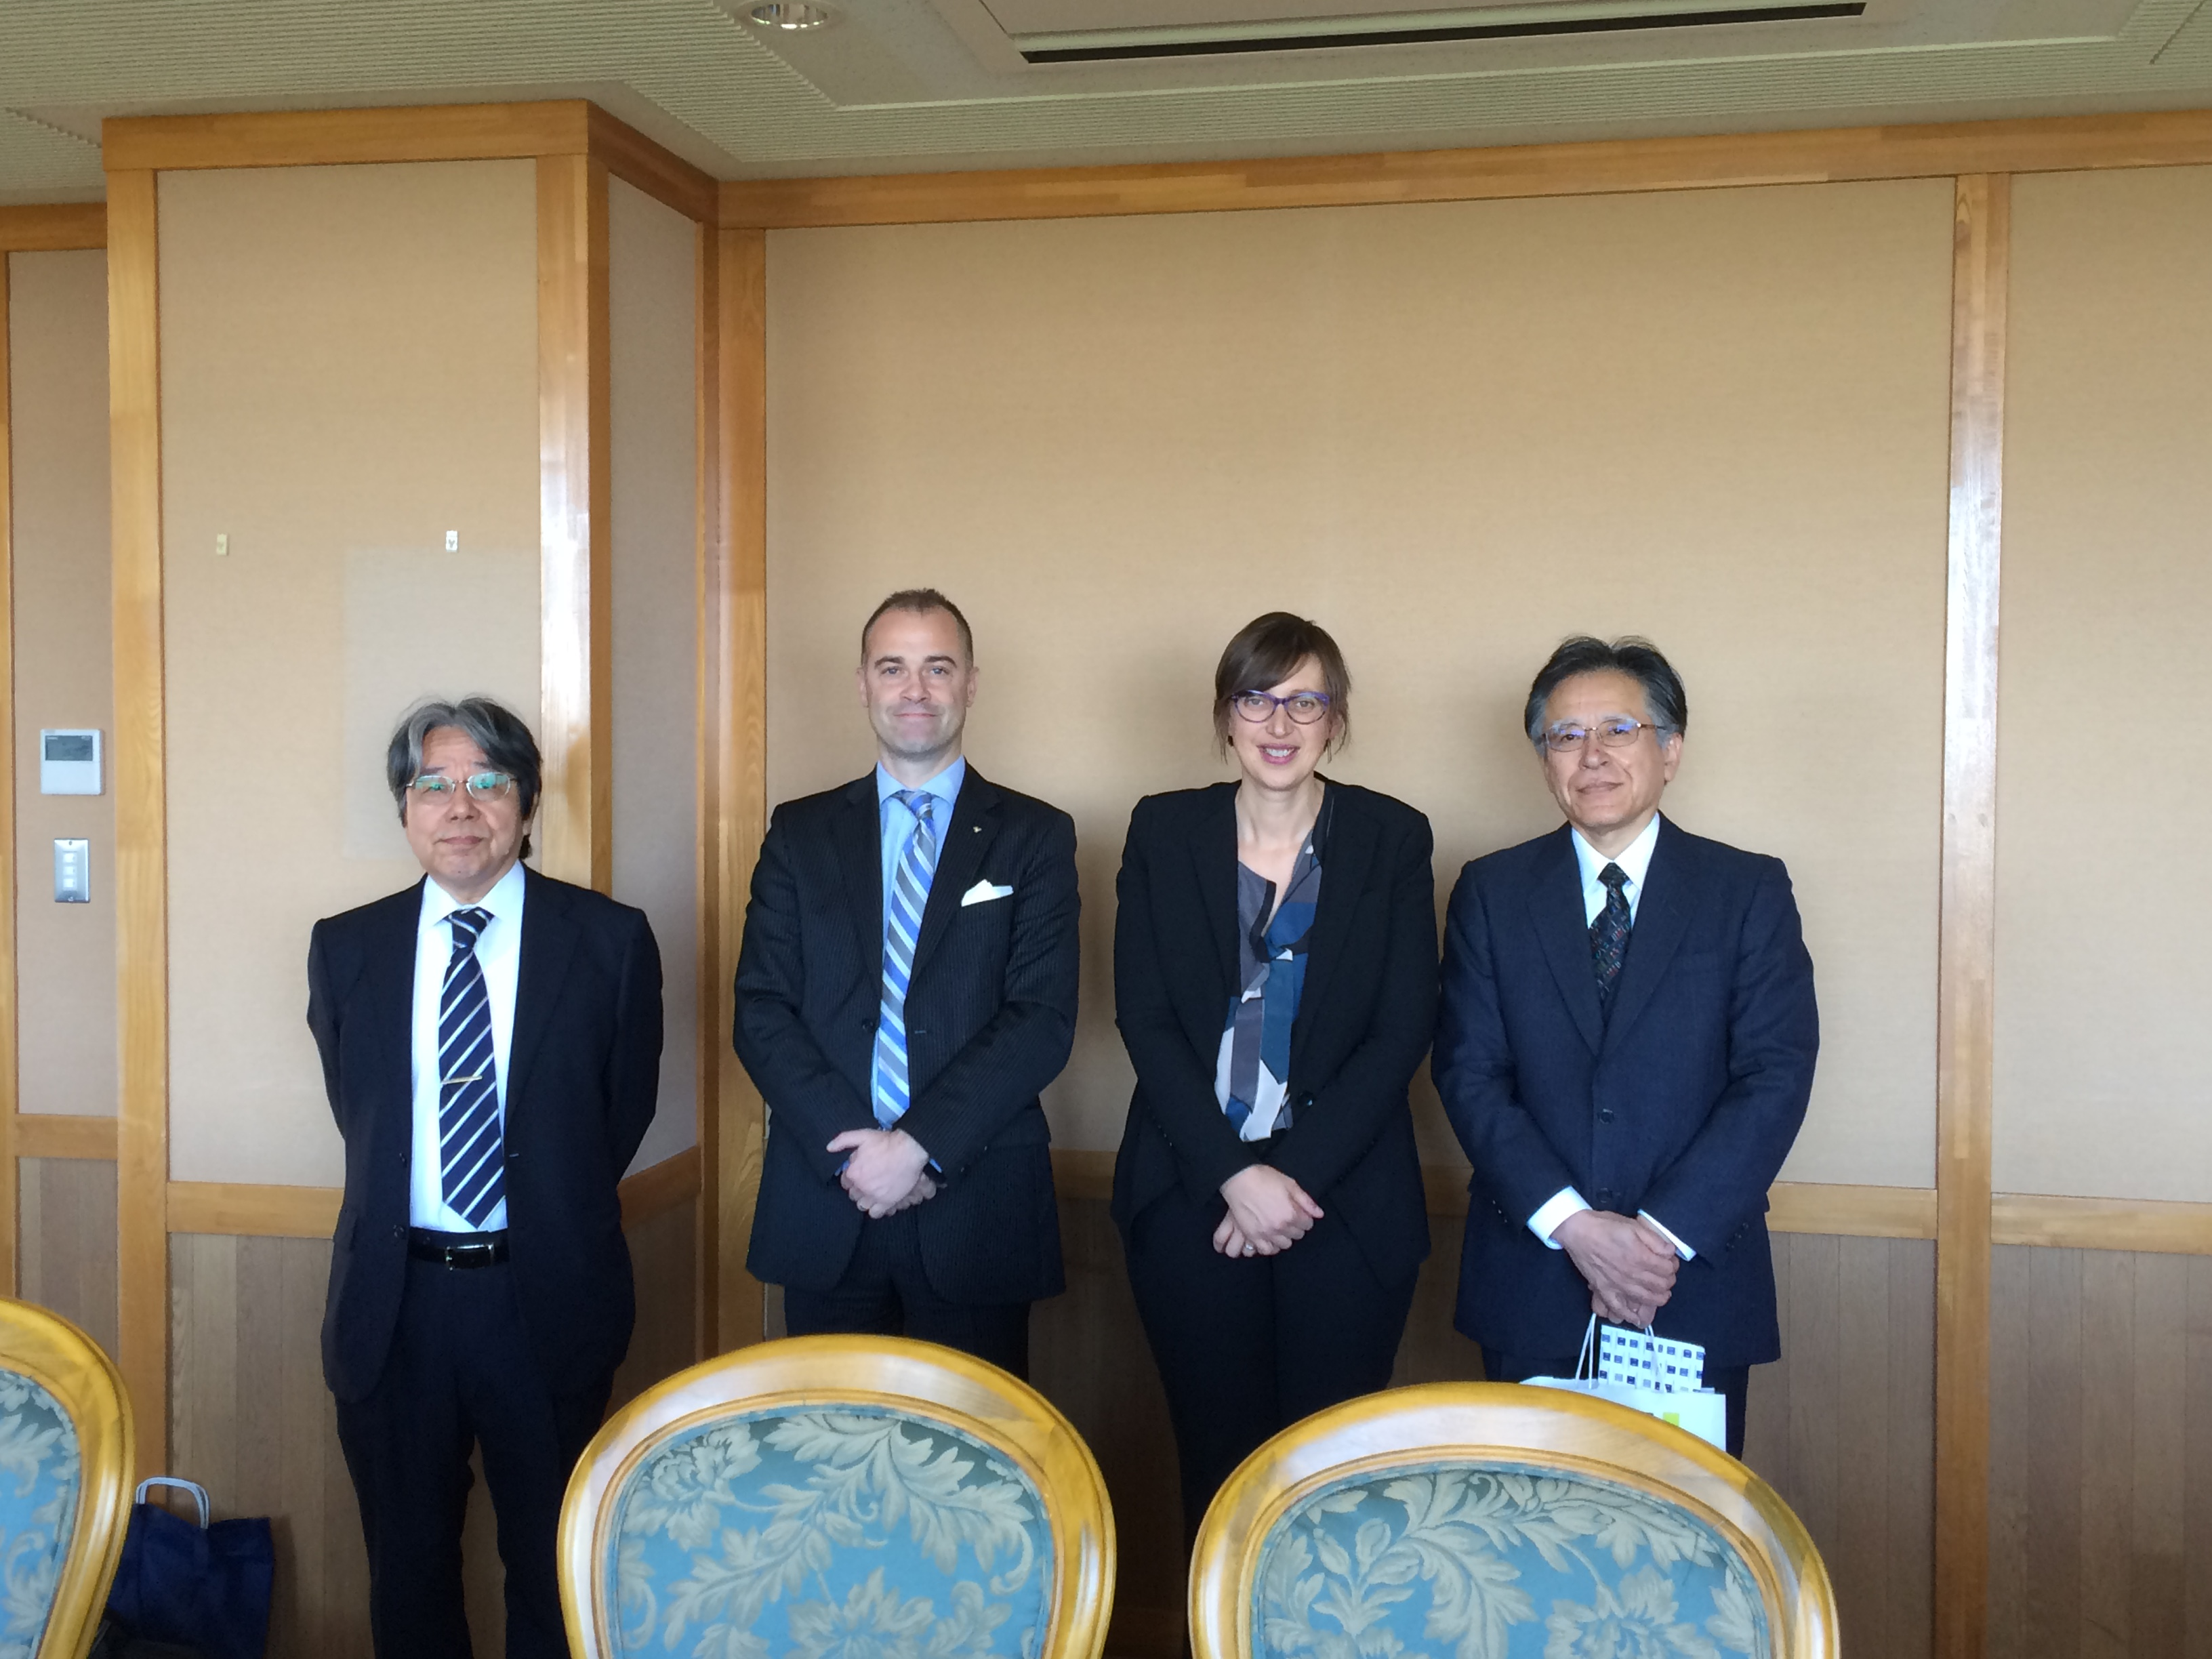 Réception à la Faculté des Lettres et Sciences humaines : de gauche à droite, Yutaka TAKAGI, Frédéric LE BLAY, Karine DANIEL, Satoshi KUWAHARA.